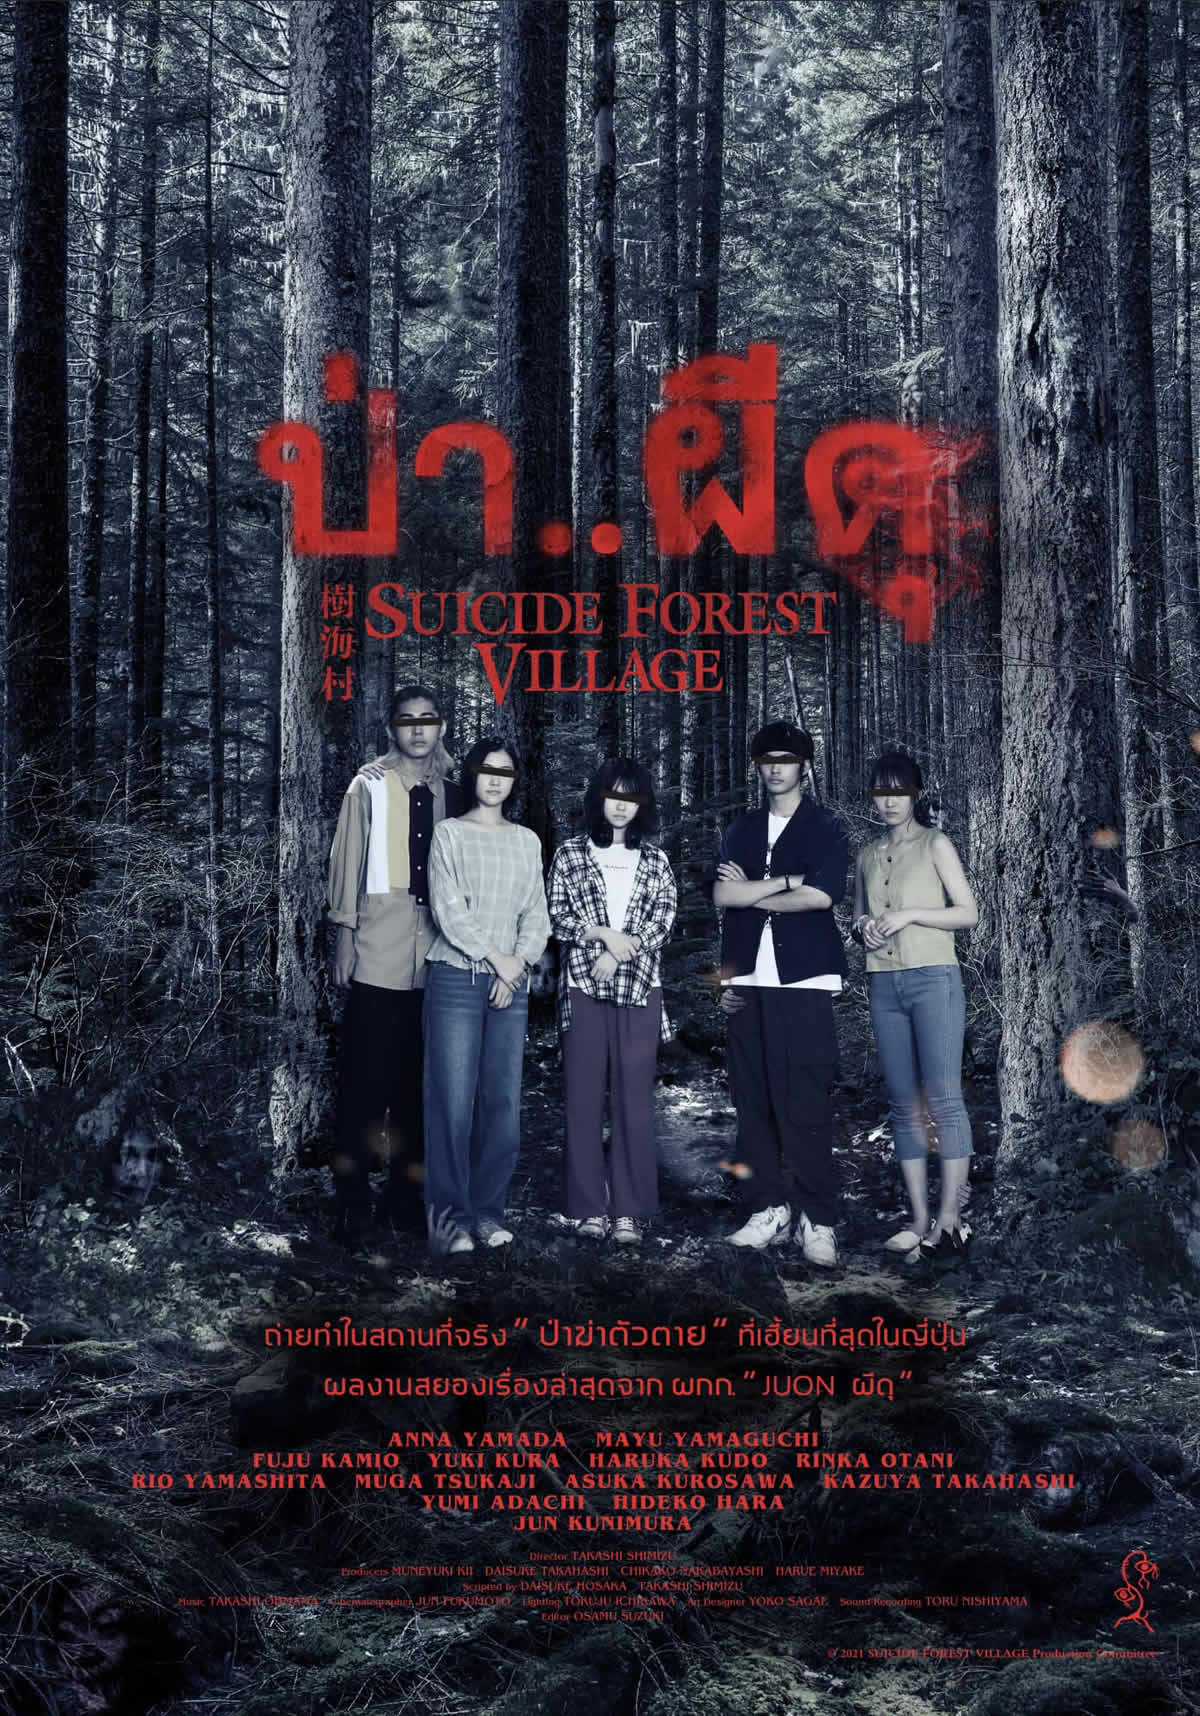 清水崇監督ホラー映画「樹海村」タイで2021年7月15日より劇場公開